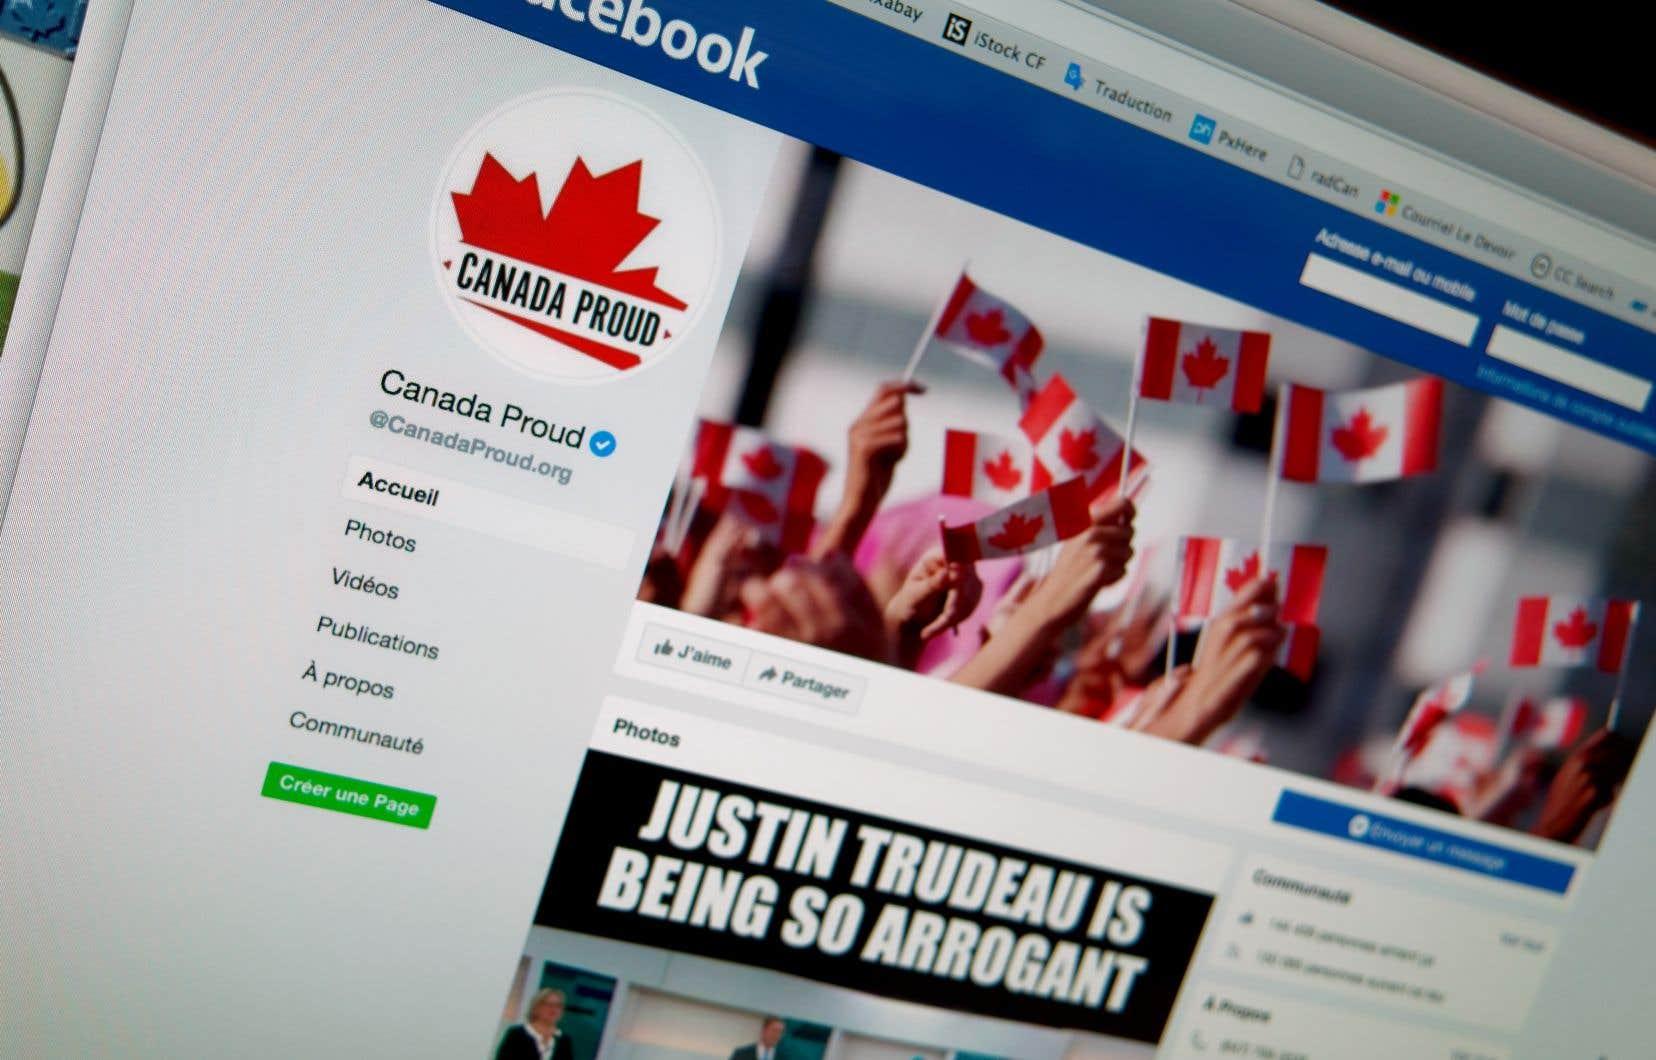 La méthode de Canada Proud consiste à miser sur les réseaux sociaux, Facebook au premier chef, pour diffuser des vidéos virales et des textes s'attaquant à l'adversaire ou le ridiculisant.